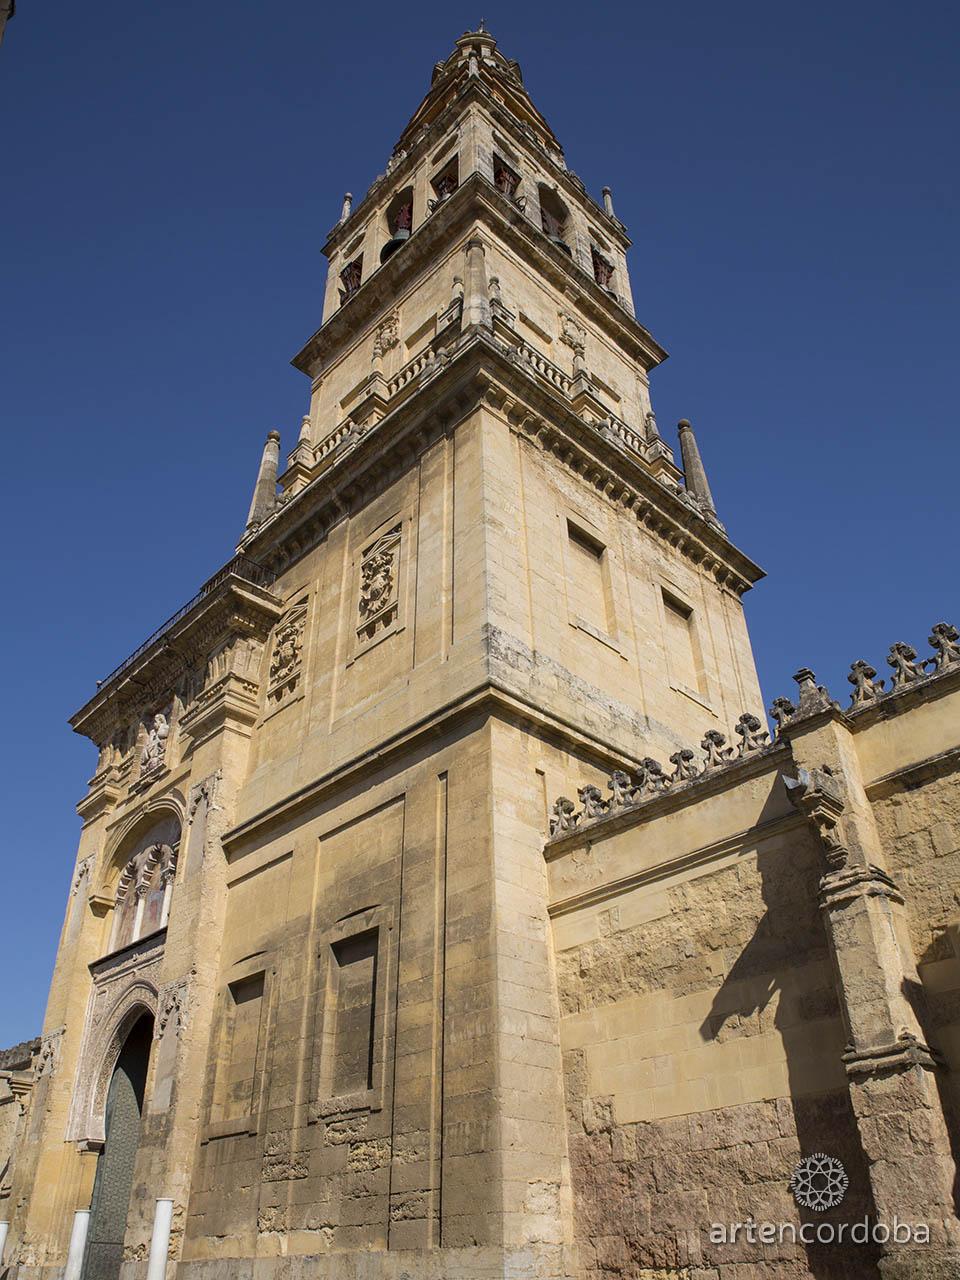 La Torre-Campanario de la Mezquita-Catedral de Córdoba vista desde el exterior